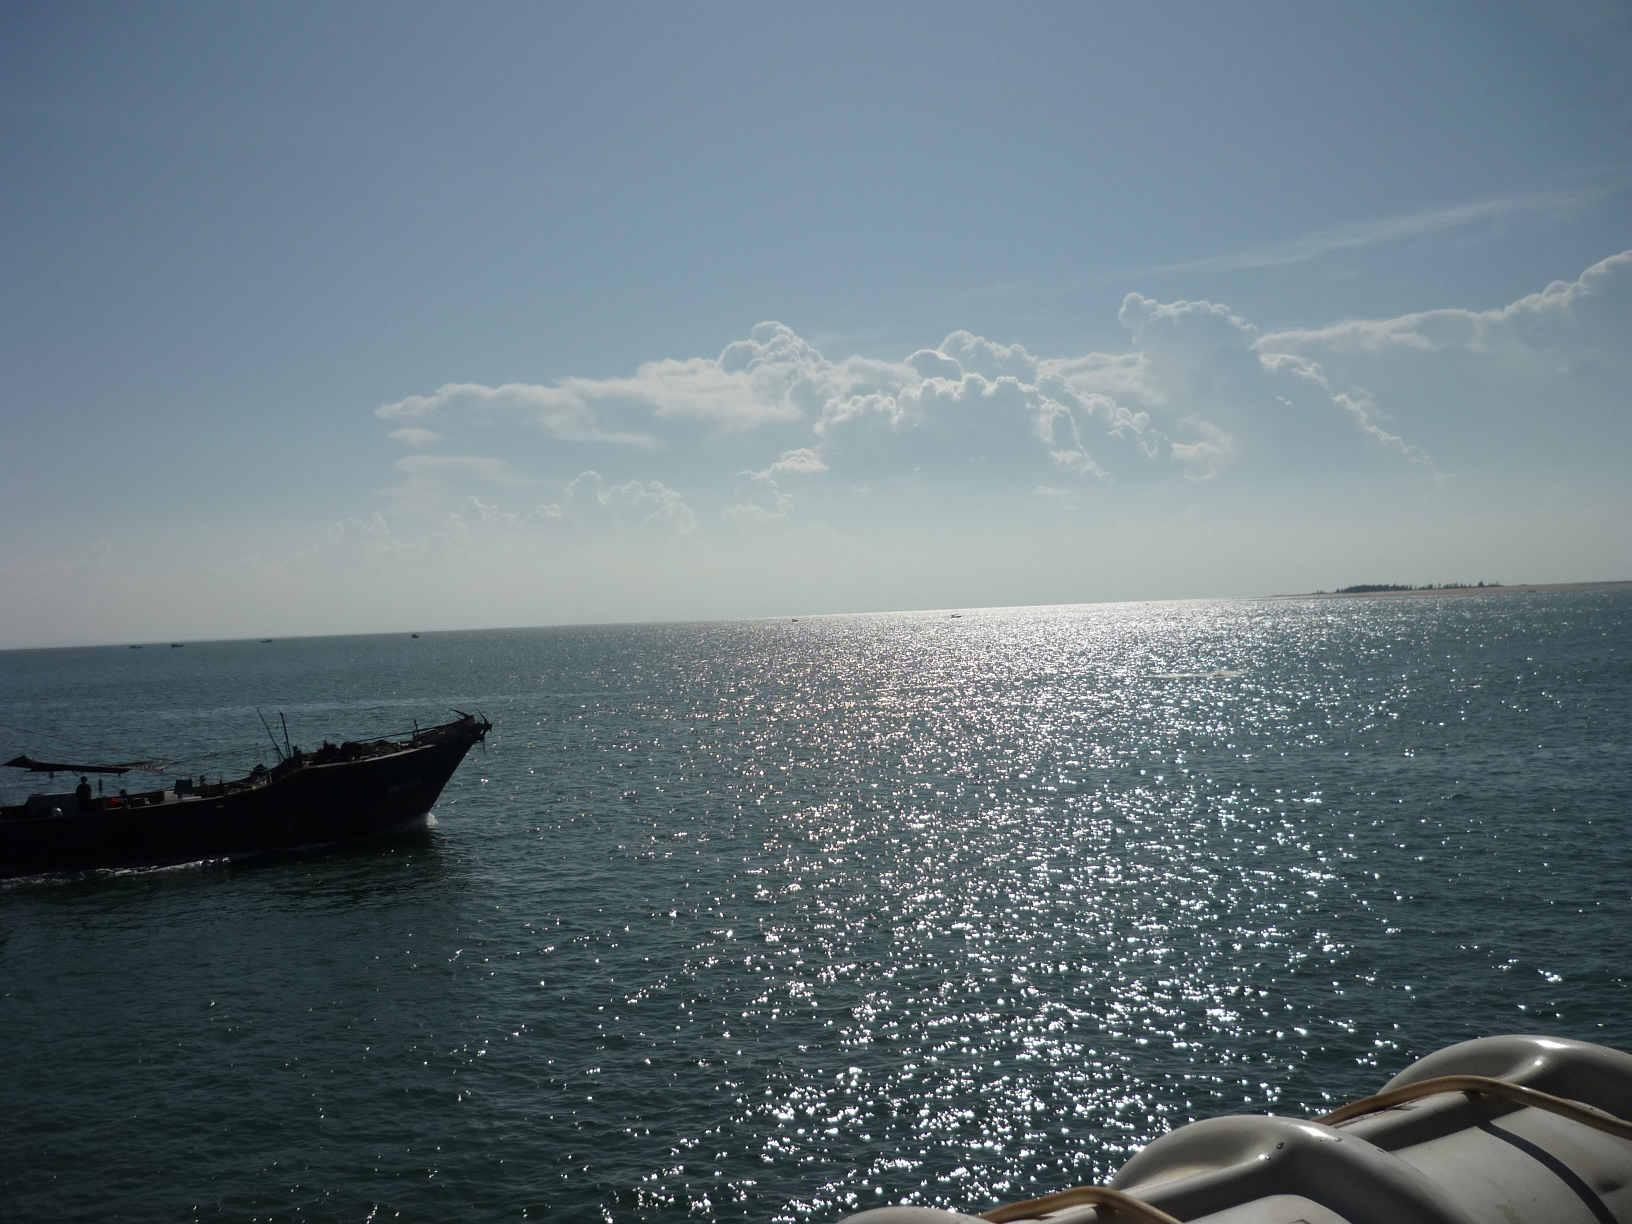 硇洲岛——不被打扰的小岛|湛江|硇洲岛_摄影部落